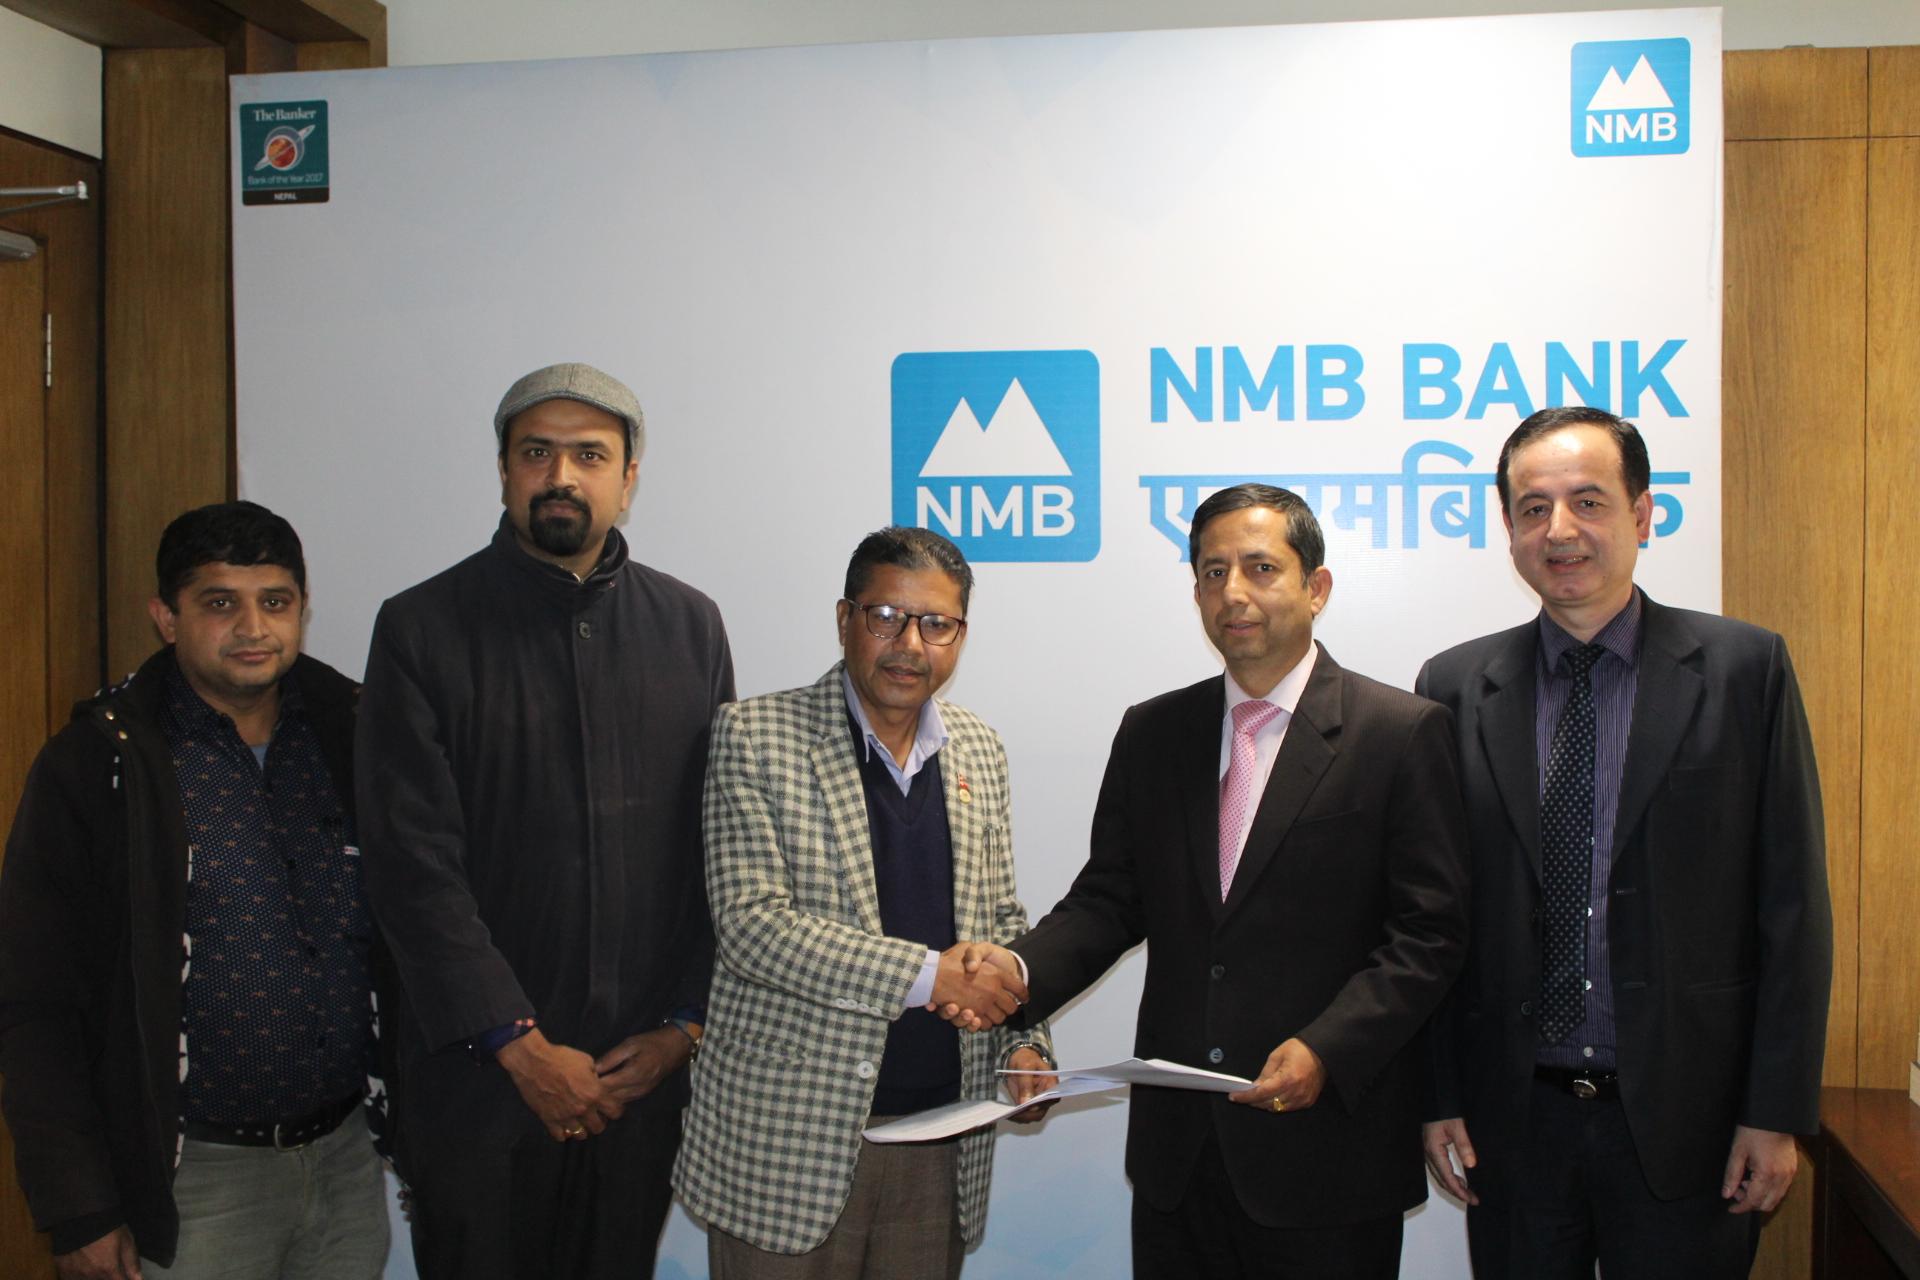 एनएमबी बैंक र घरेलु तथा साना उद्योगबीच सहमति